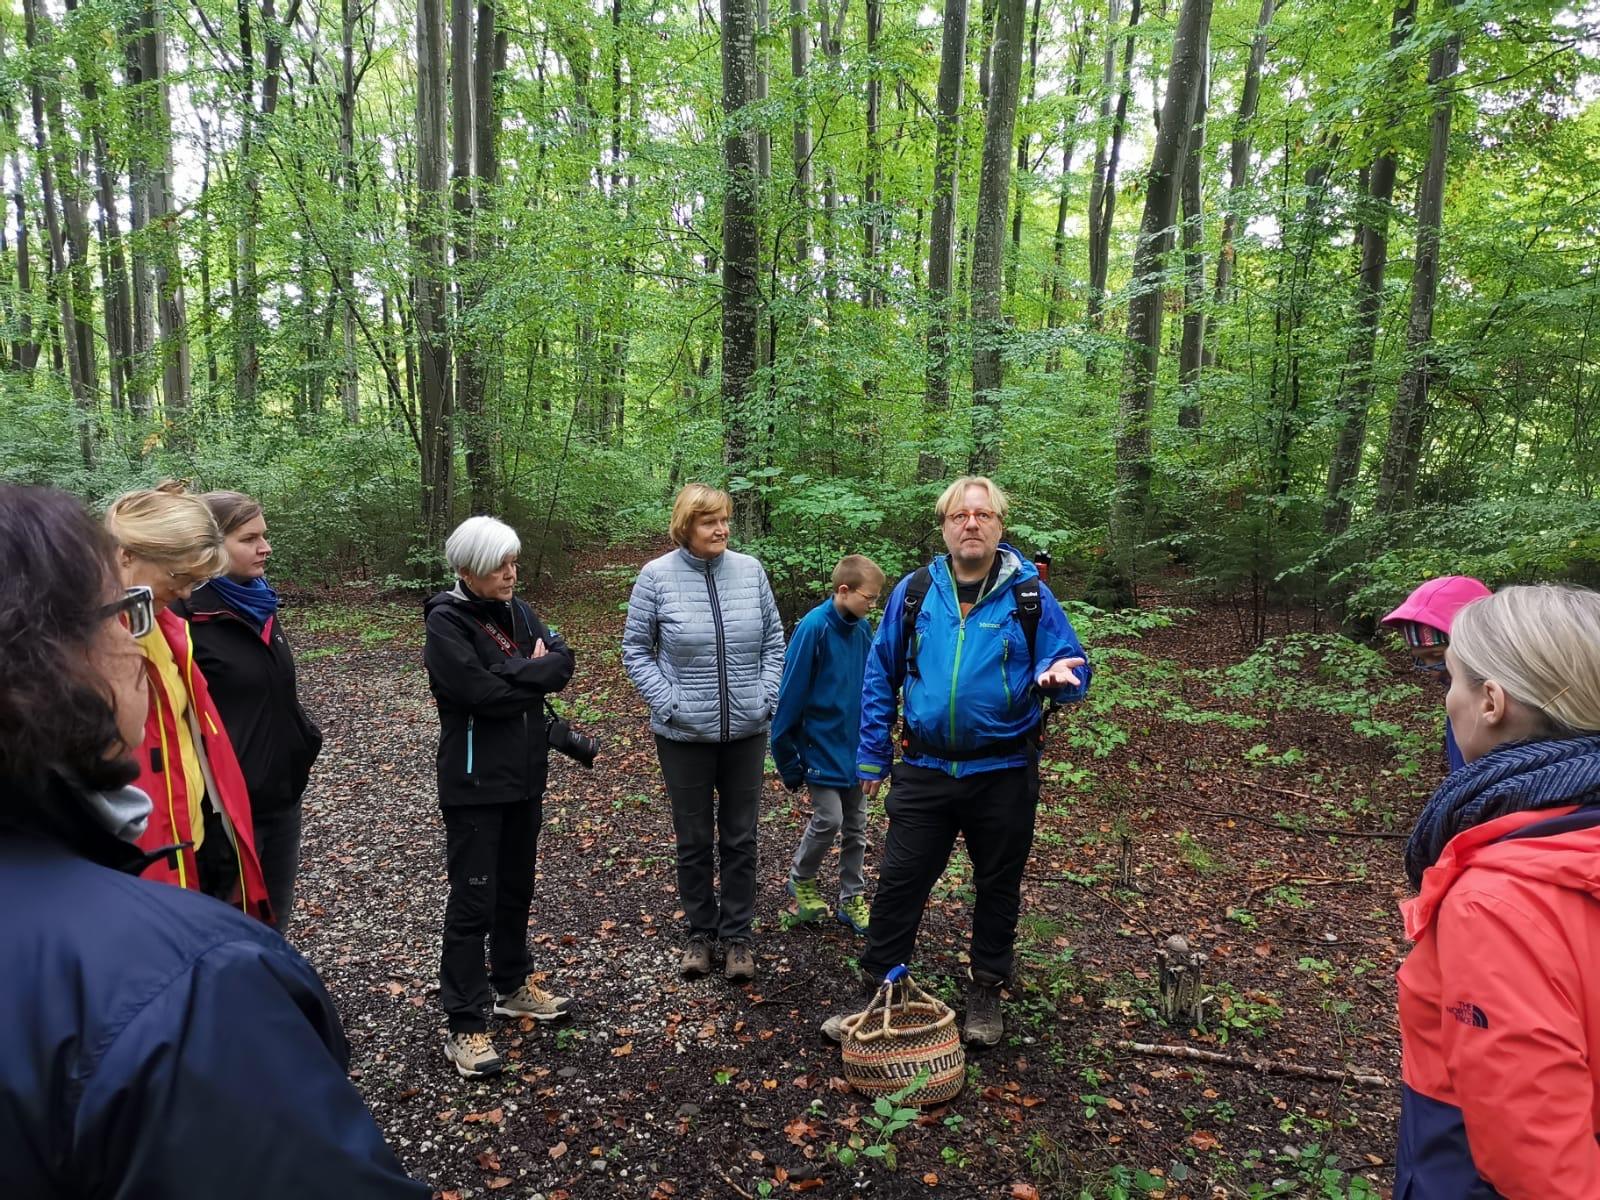 Pilz-Exkursion mit Peter Karasch (Foto: Niklas Neubauer)